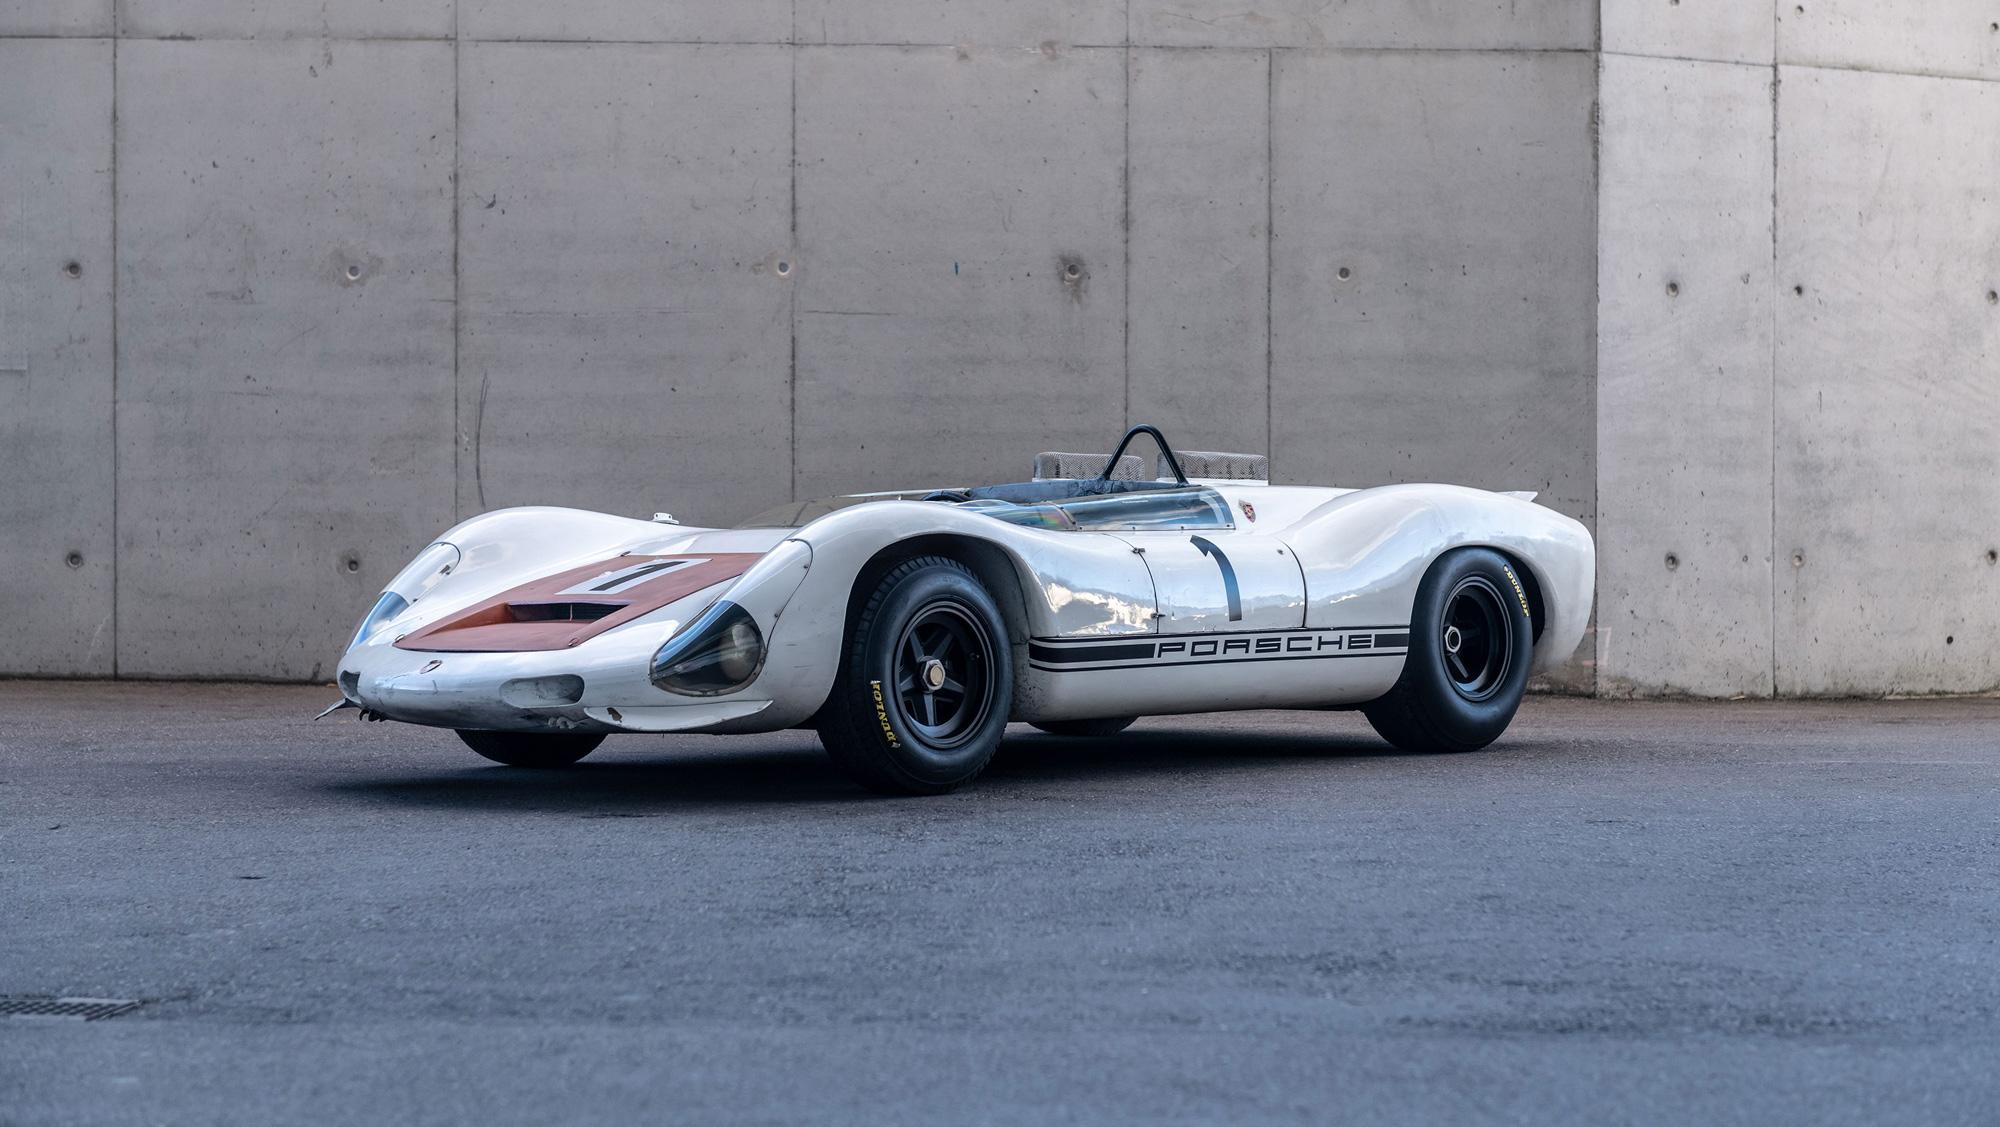 The historic race car Porsche won't restore thumbnail